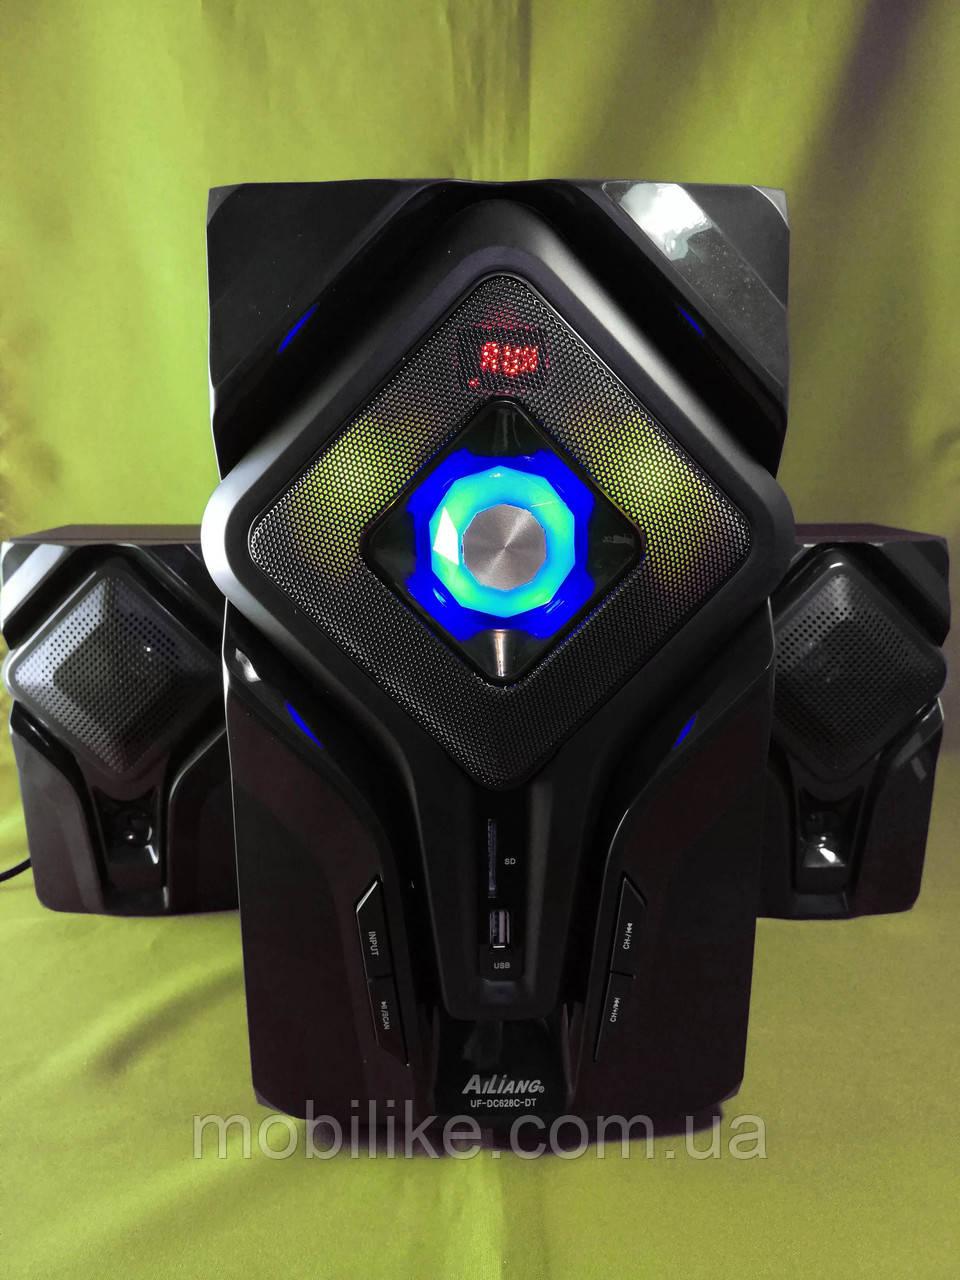 Мультимедийная акустическая система Ailiang UF-DC628H-DT 40W (АС)